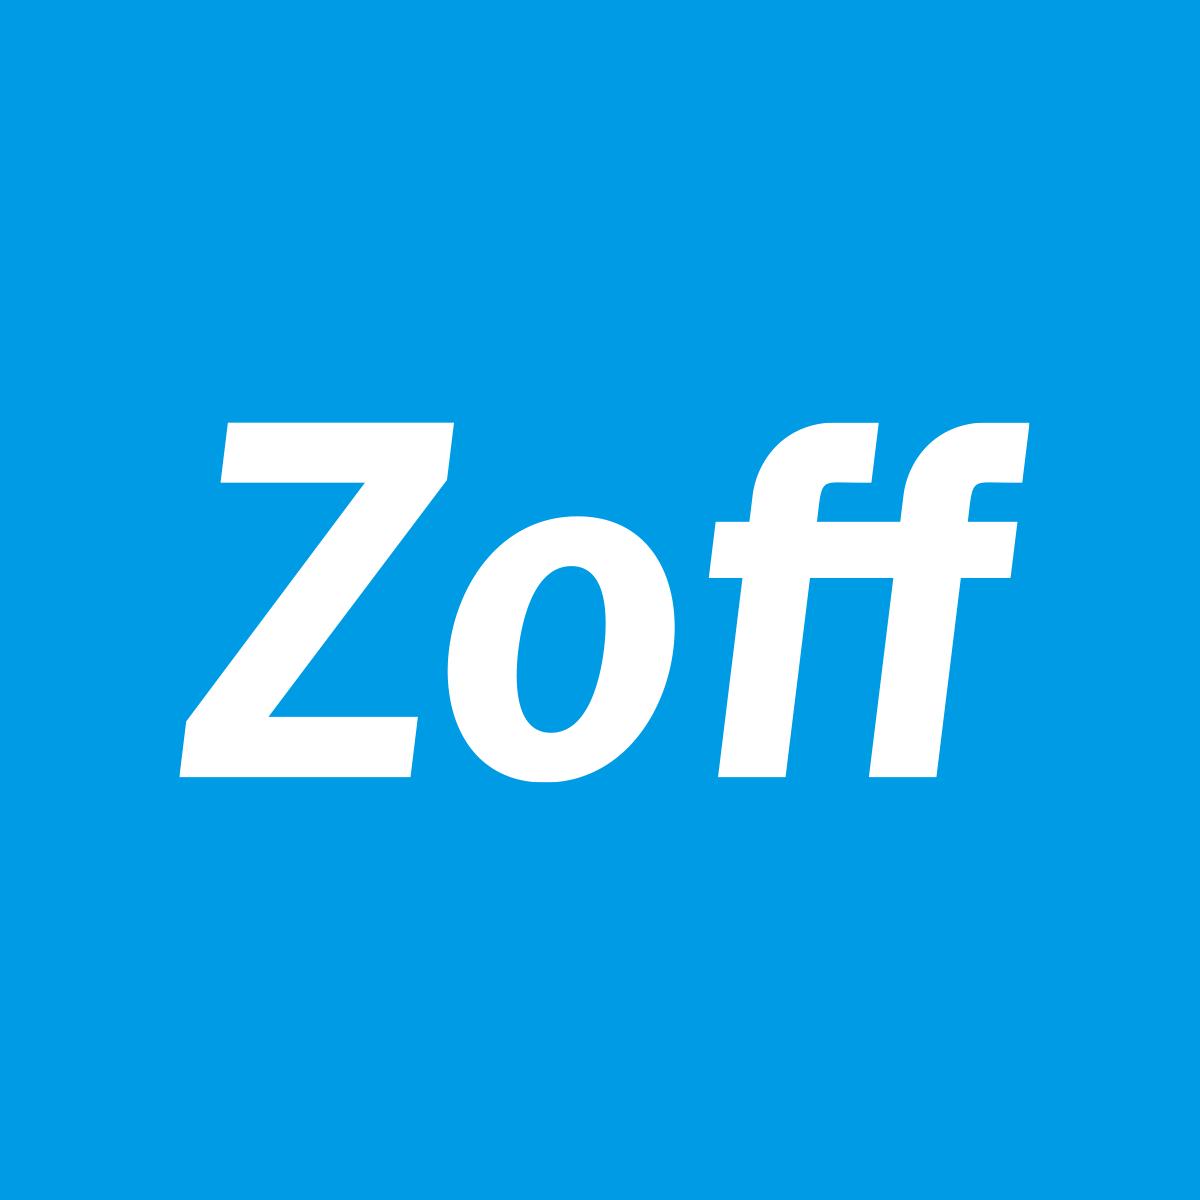 Zoffオンラインストア【眼鏡・めがねブランド】